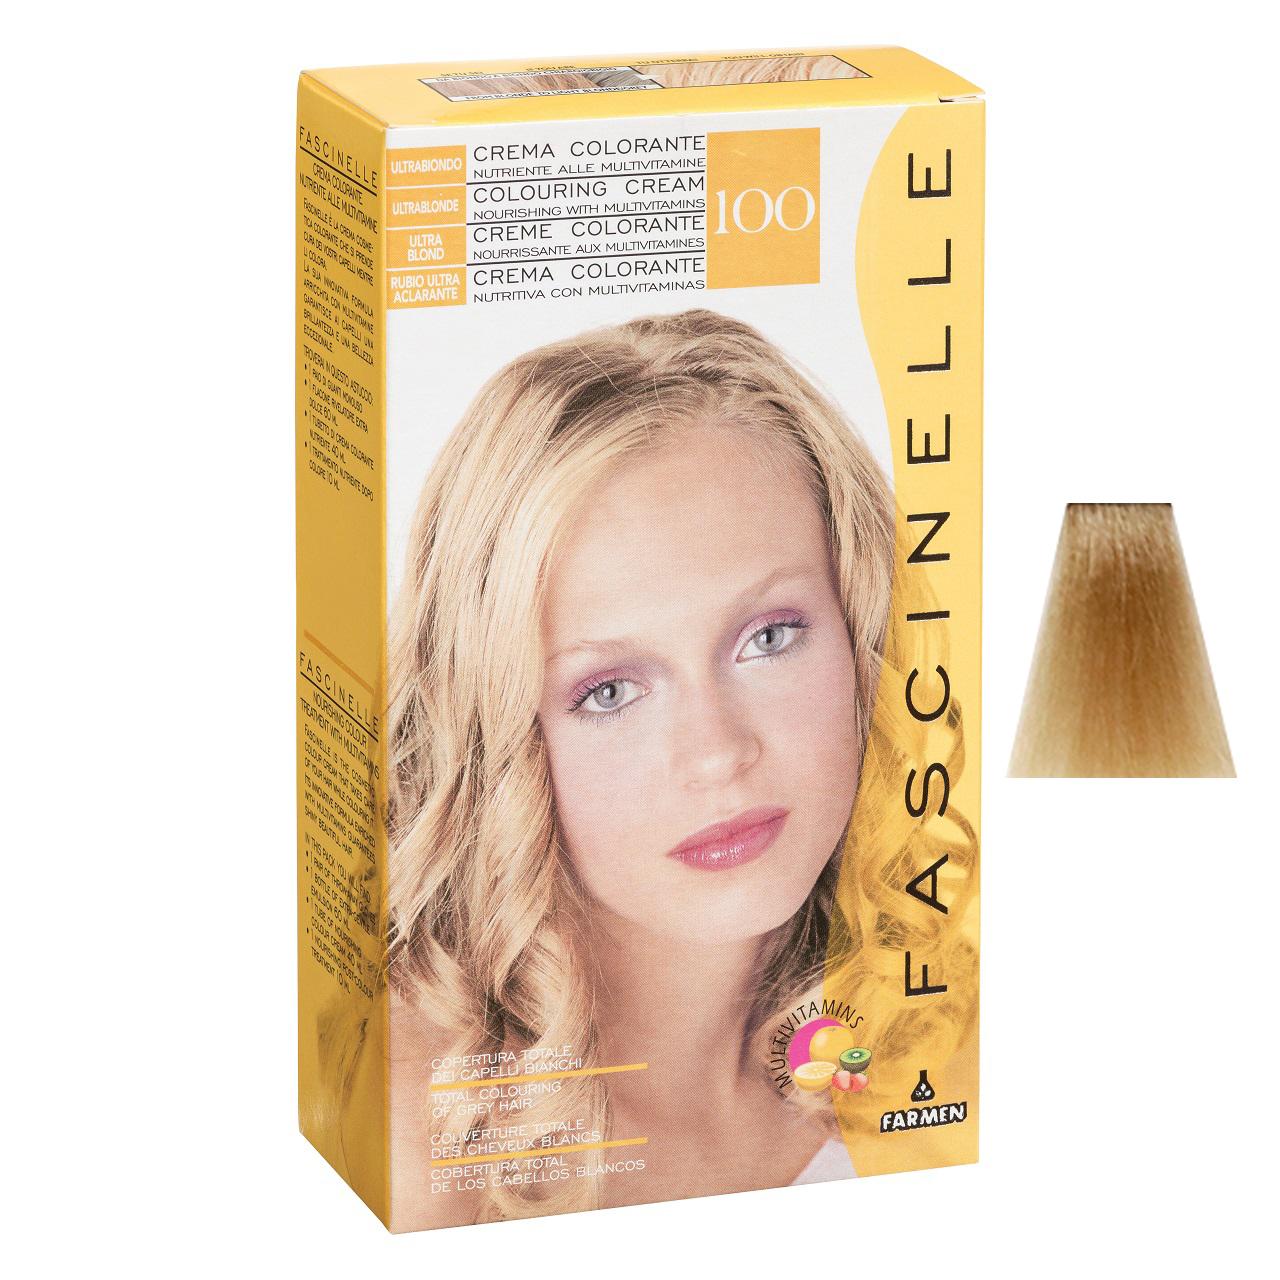 كيت رنگ مو فشینلی سری Blonde مدل بلوند - پلاتيني شماره 100